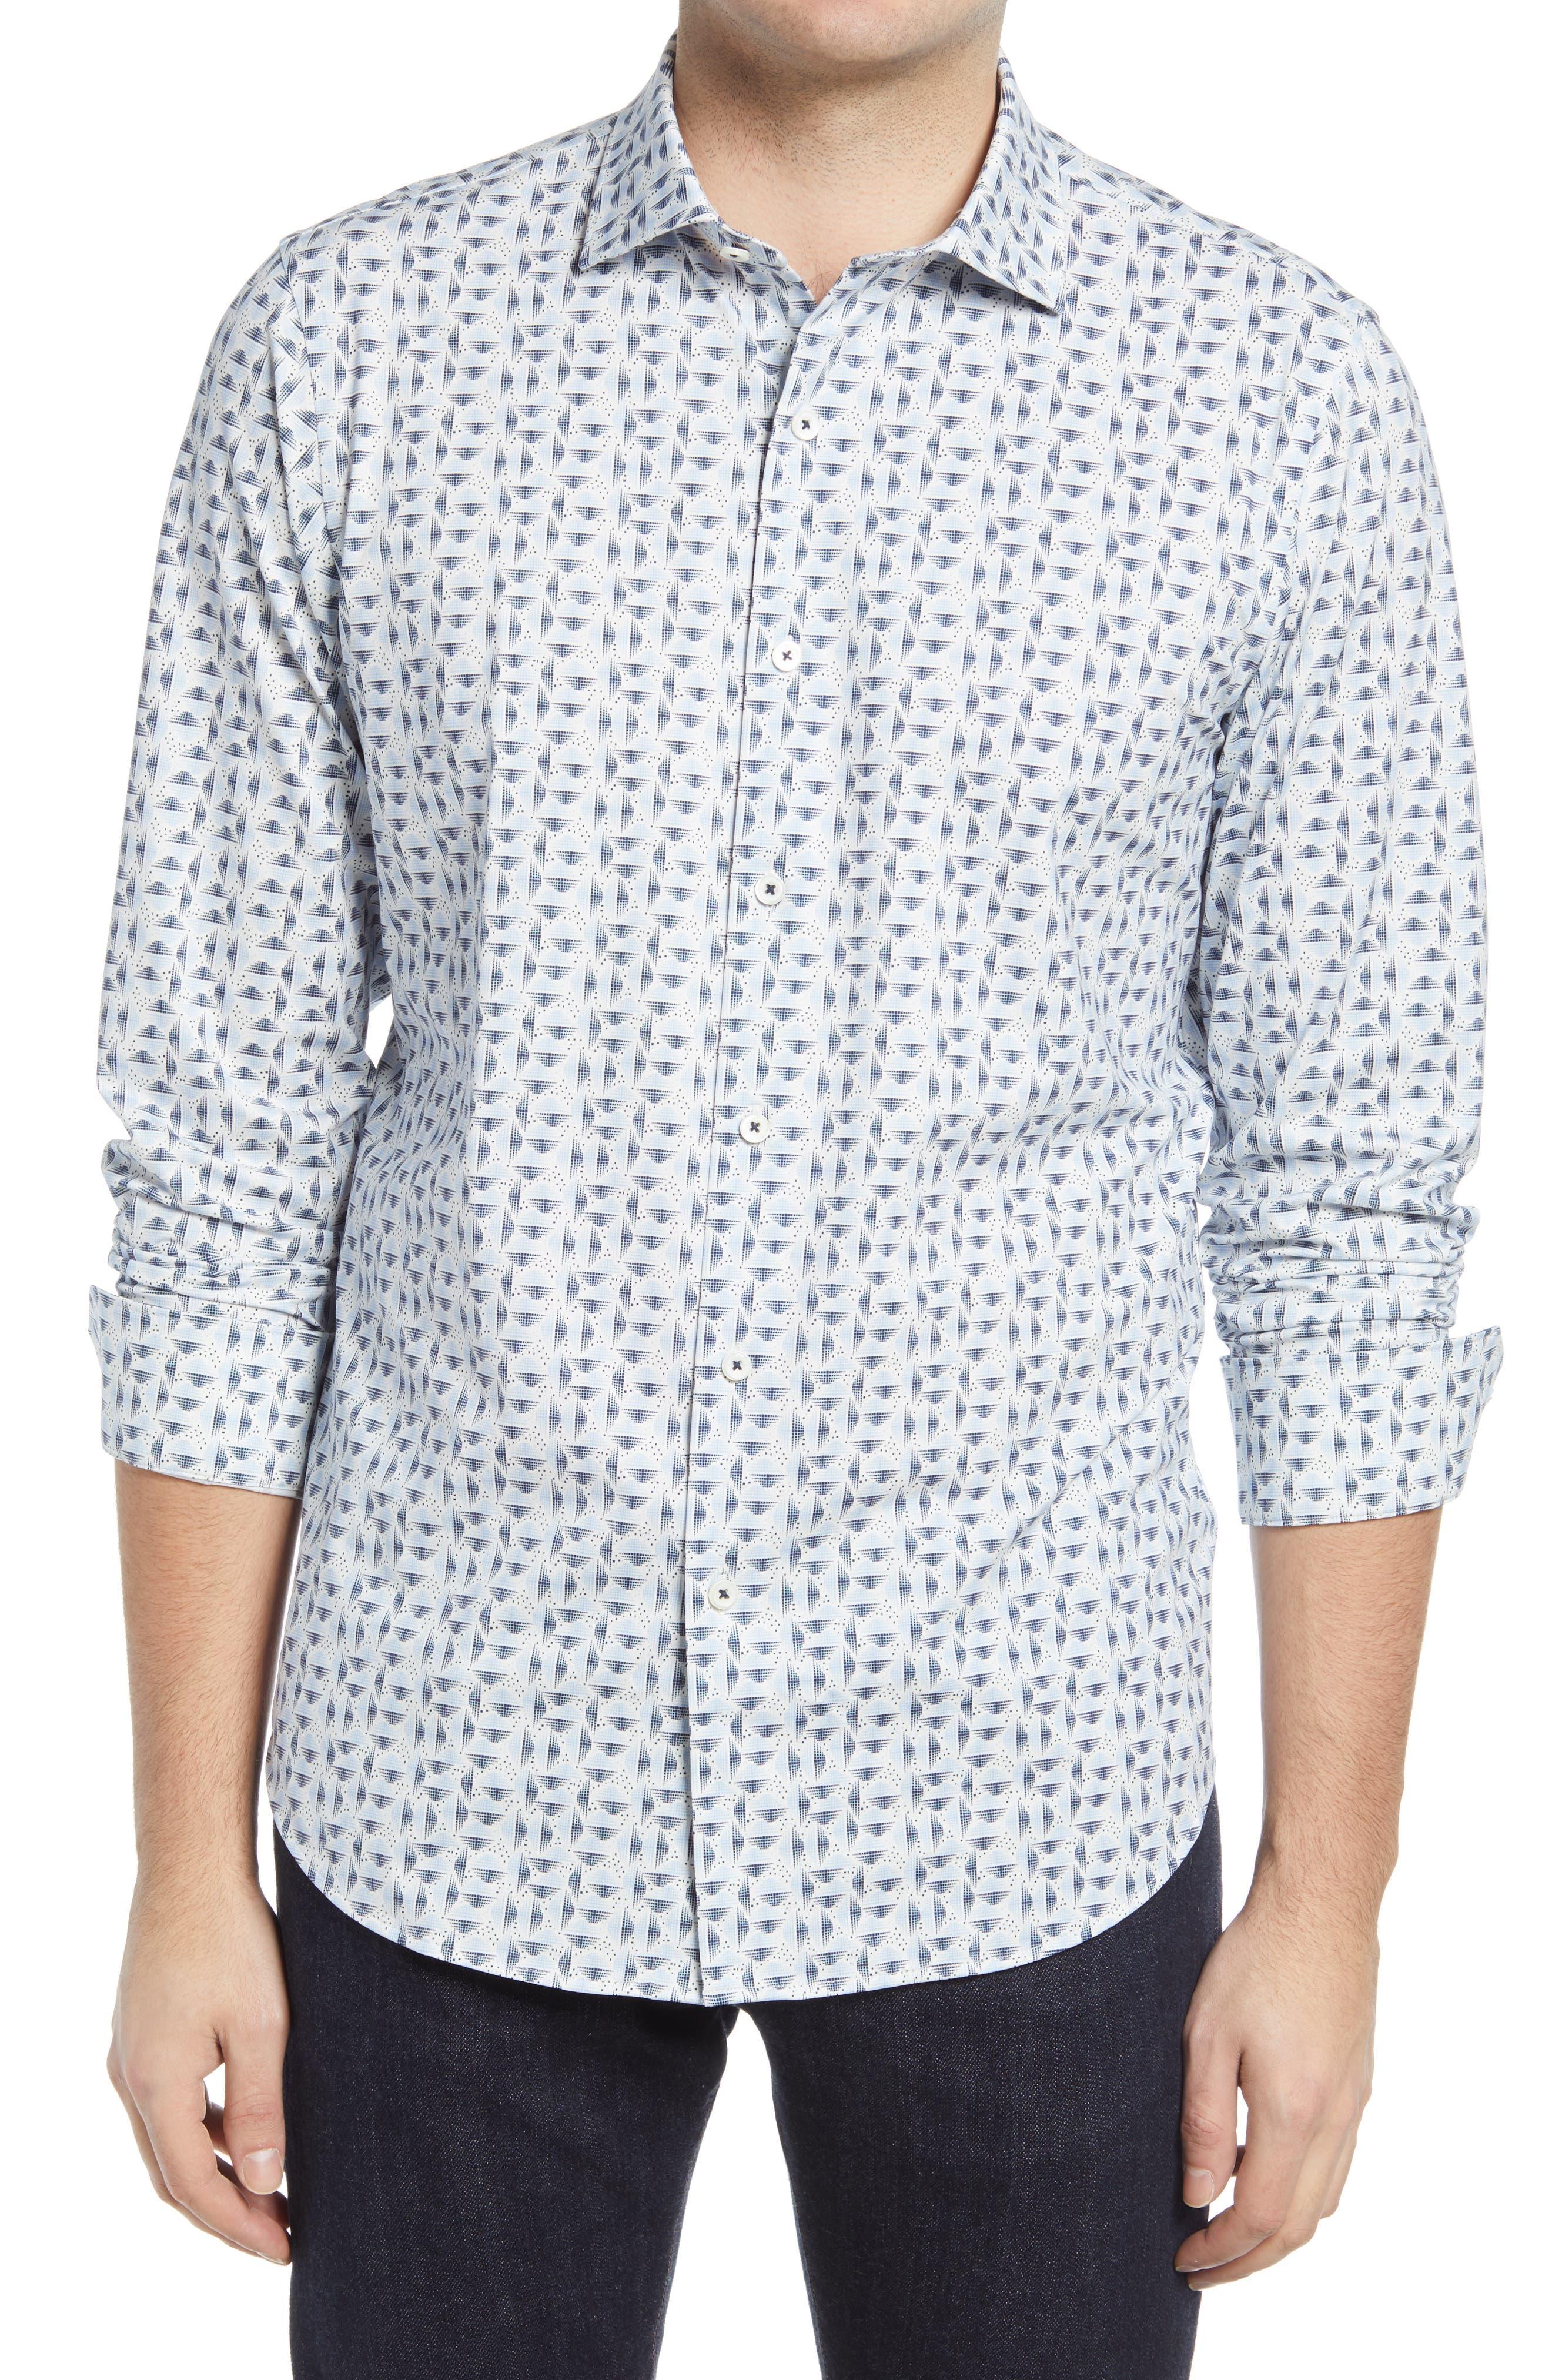 Ooohcotton Tech Geo Print Knit Button-Up Shirt